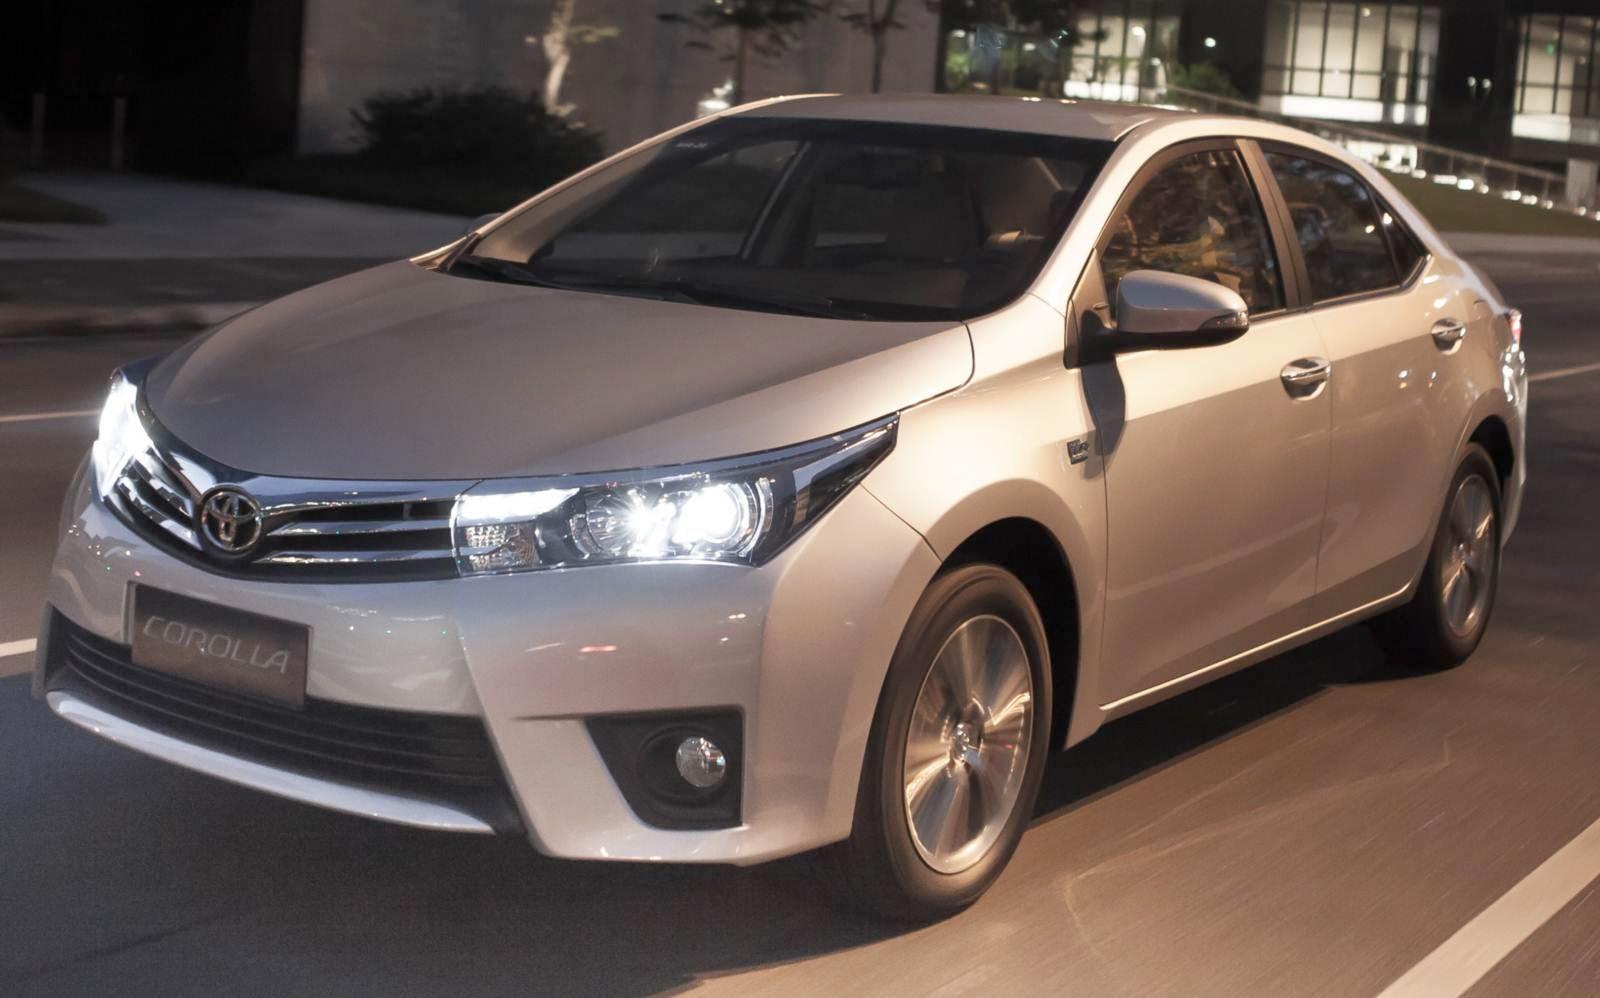 Novo Toyota Corolla 2015 fotos